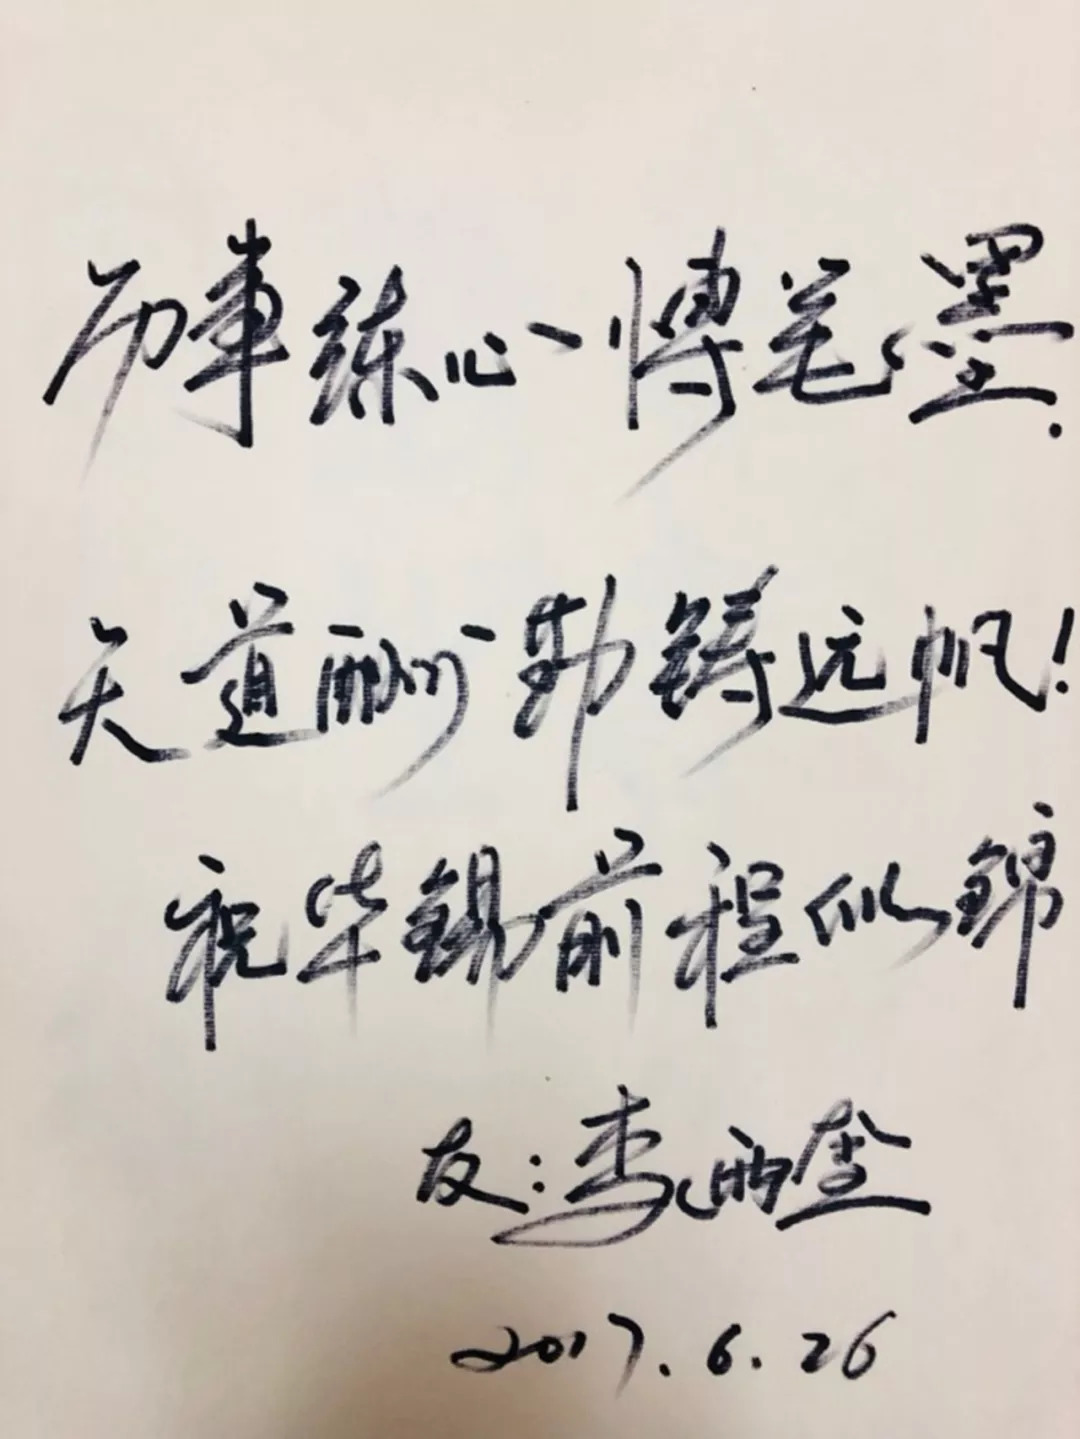 毕业一年后,重新看这些初中写给我的抄报,意义恩师手寄语熊猫爱国图片